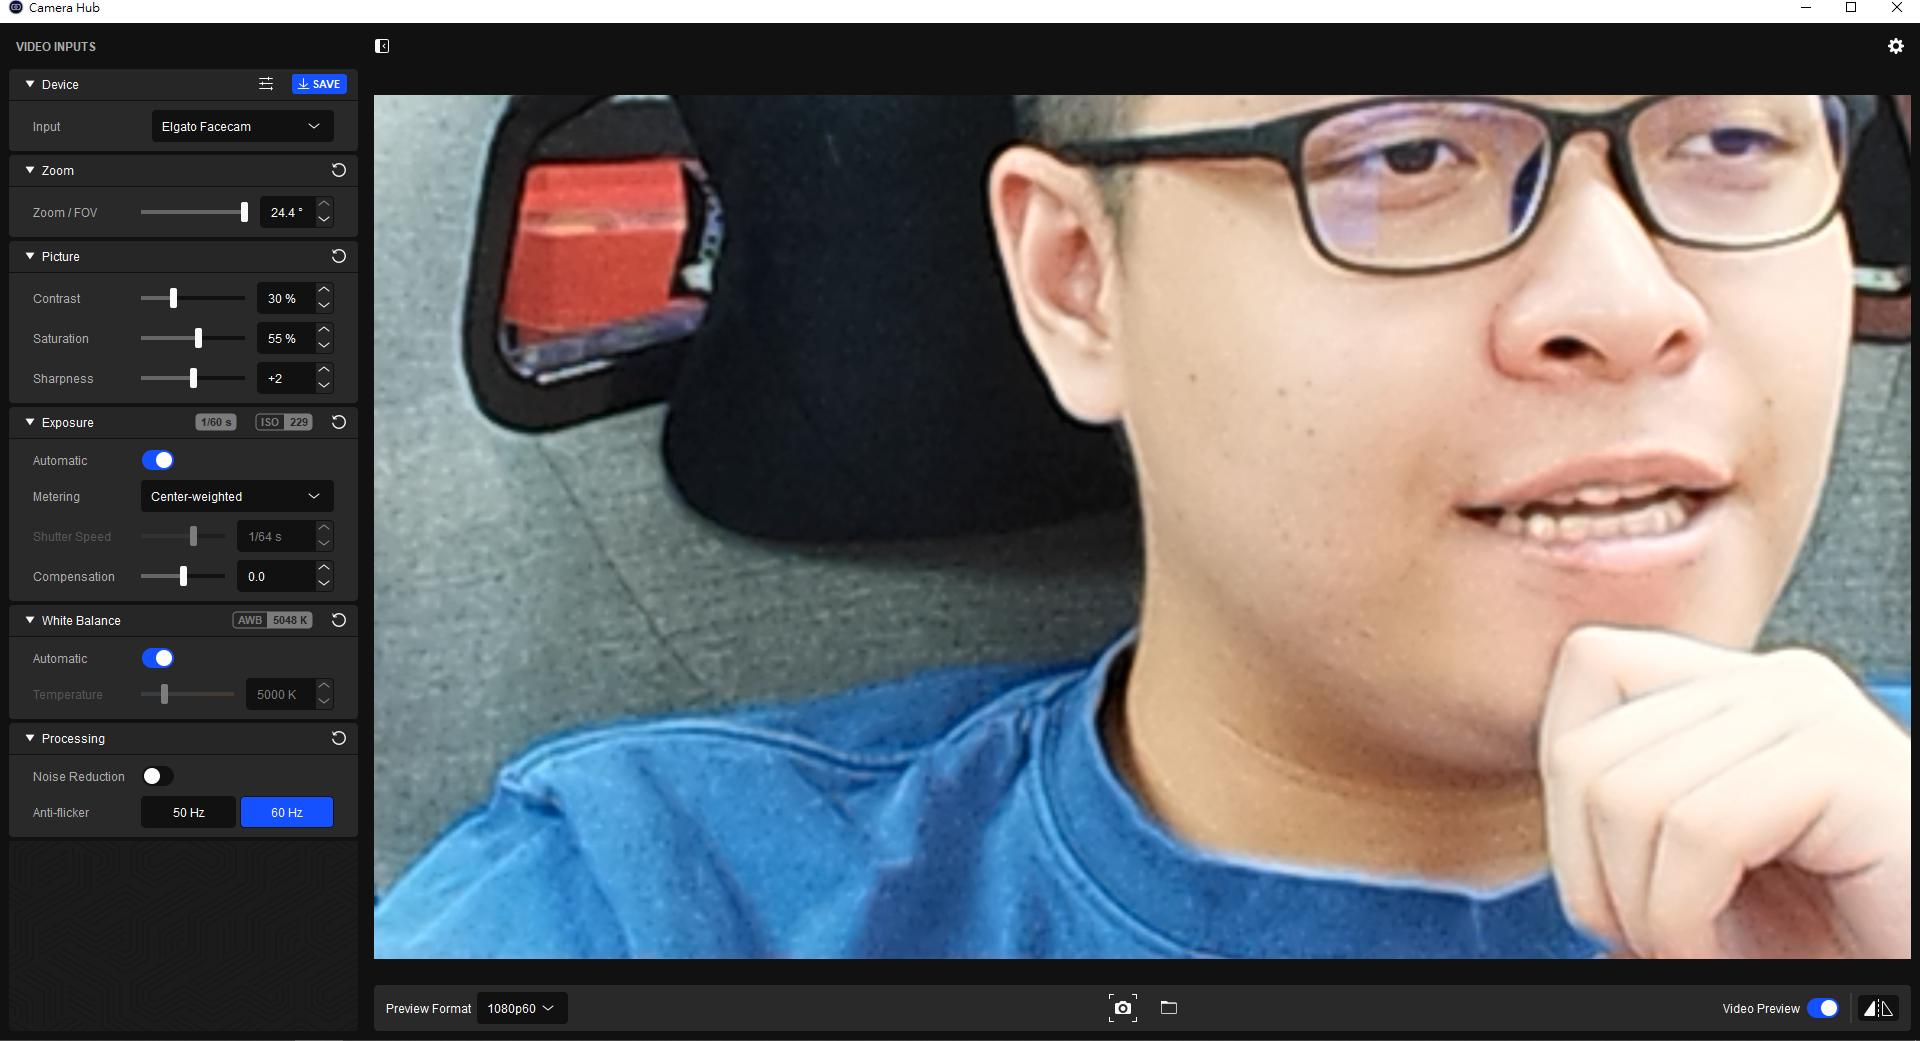 Elgato Facecam 網絡攝影機